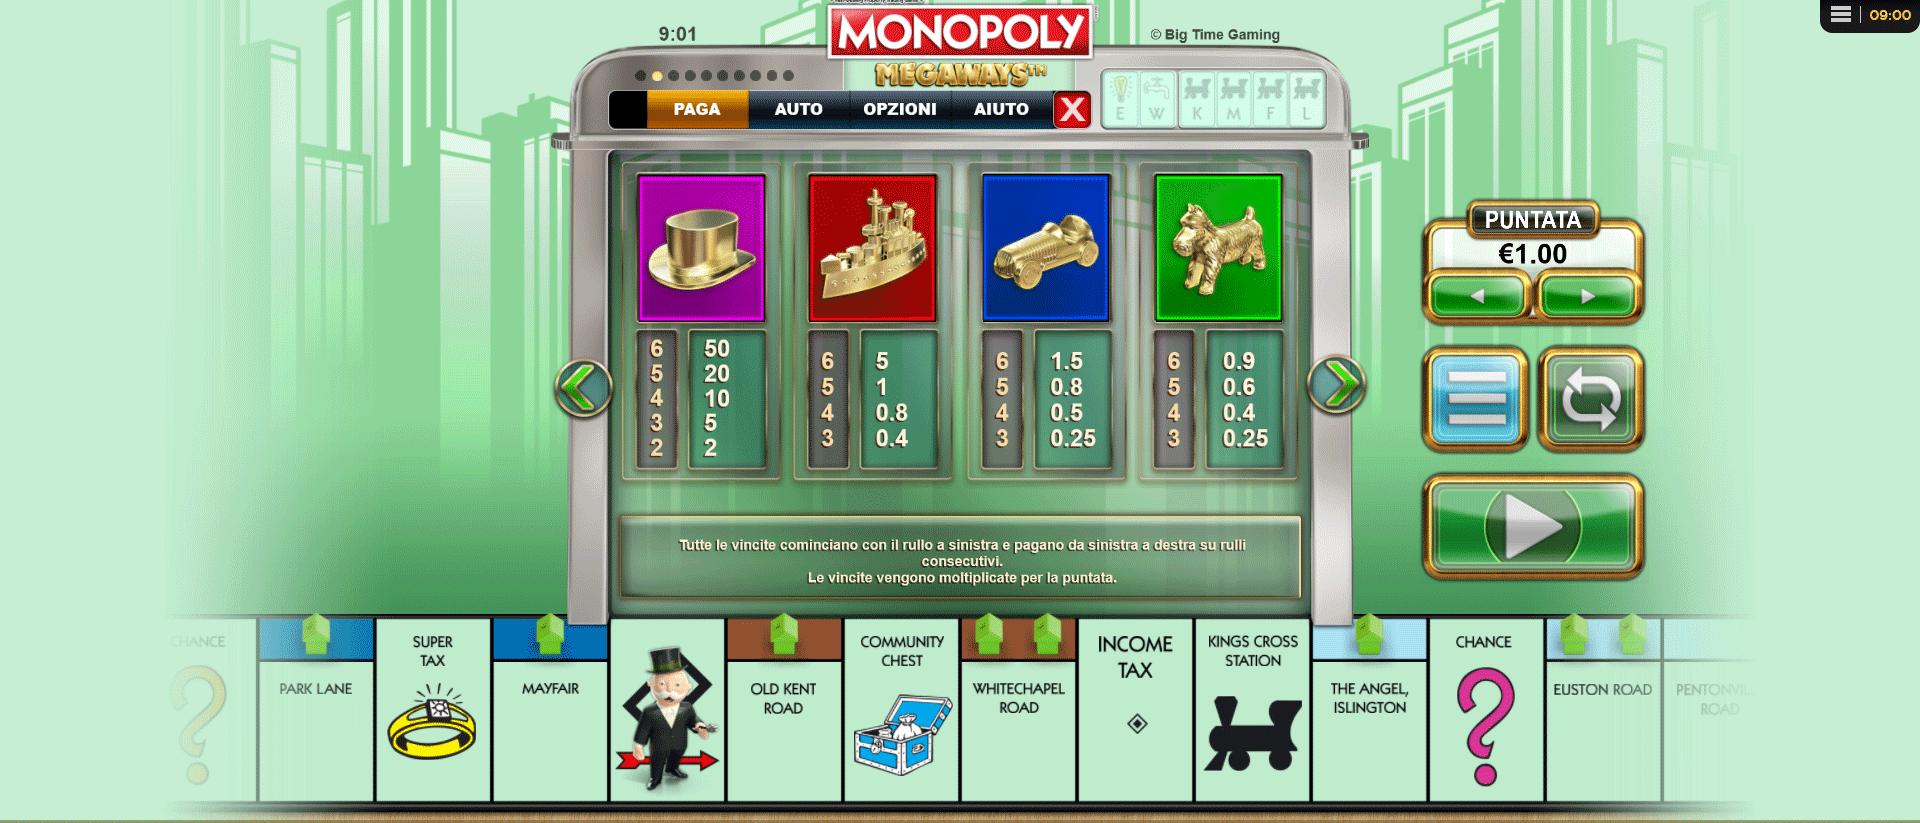 tabella dei pagamenti slot online monopoly megaways